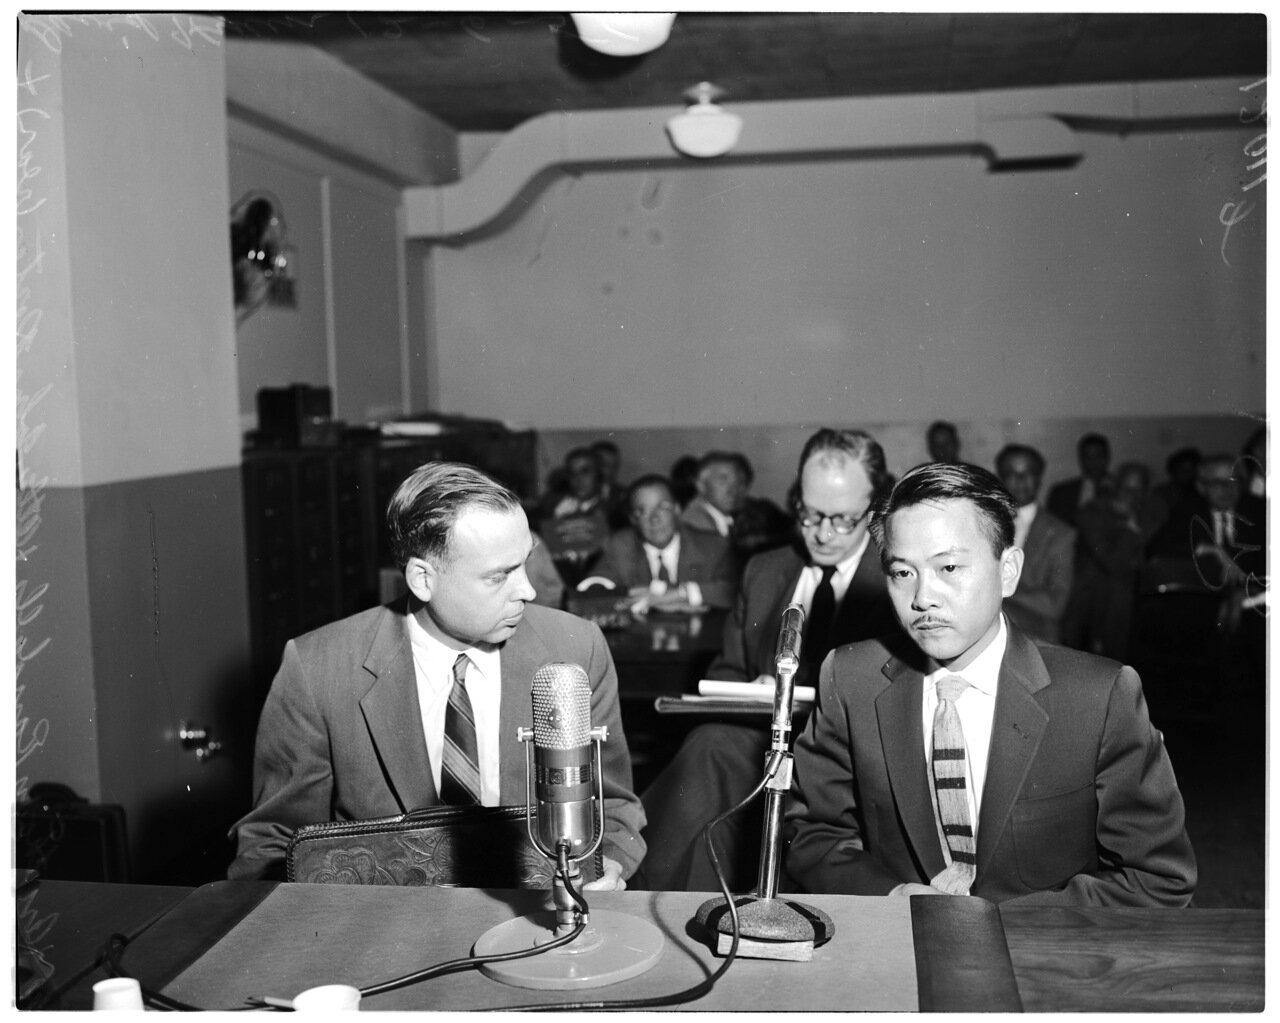 1956. 6 декабря. Комиссия по расследованию антиамериканской деятельности. Прокурор Энтони Б. Рэнделлс, адвокат Джон Портер (сзади), Дэвид Хен, свидетель (кореец)